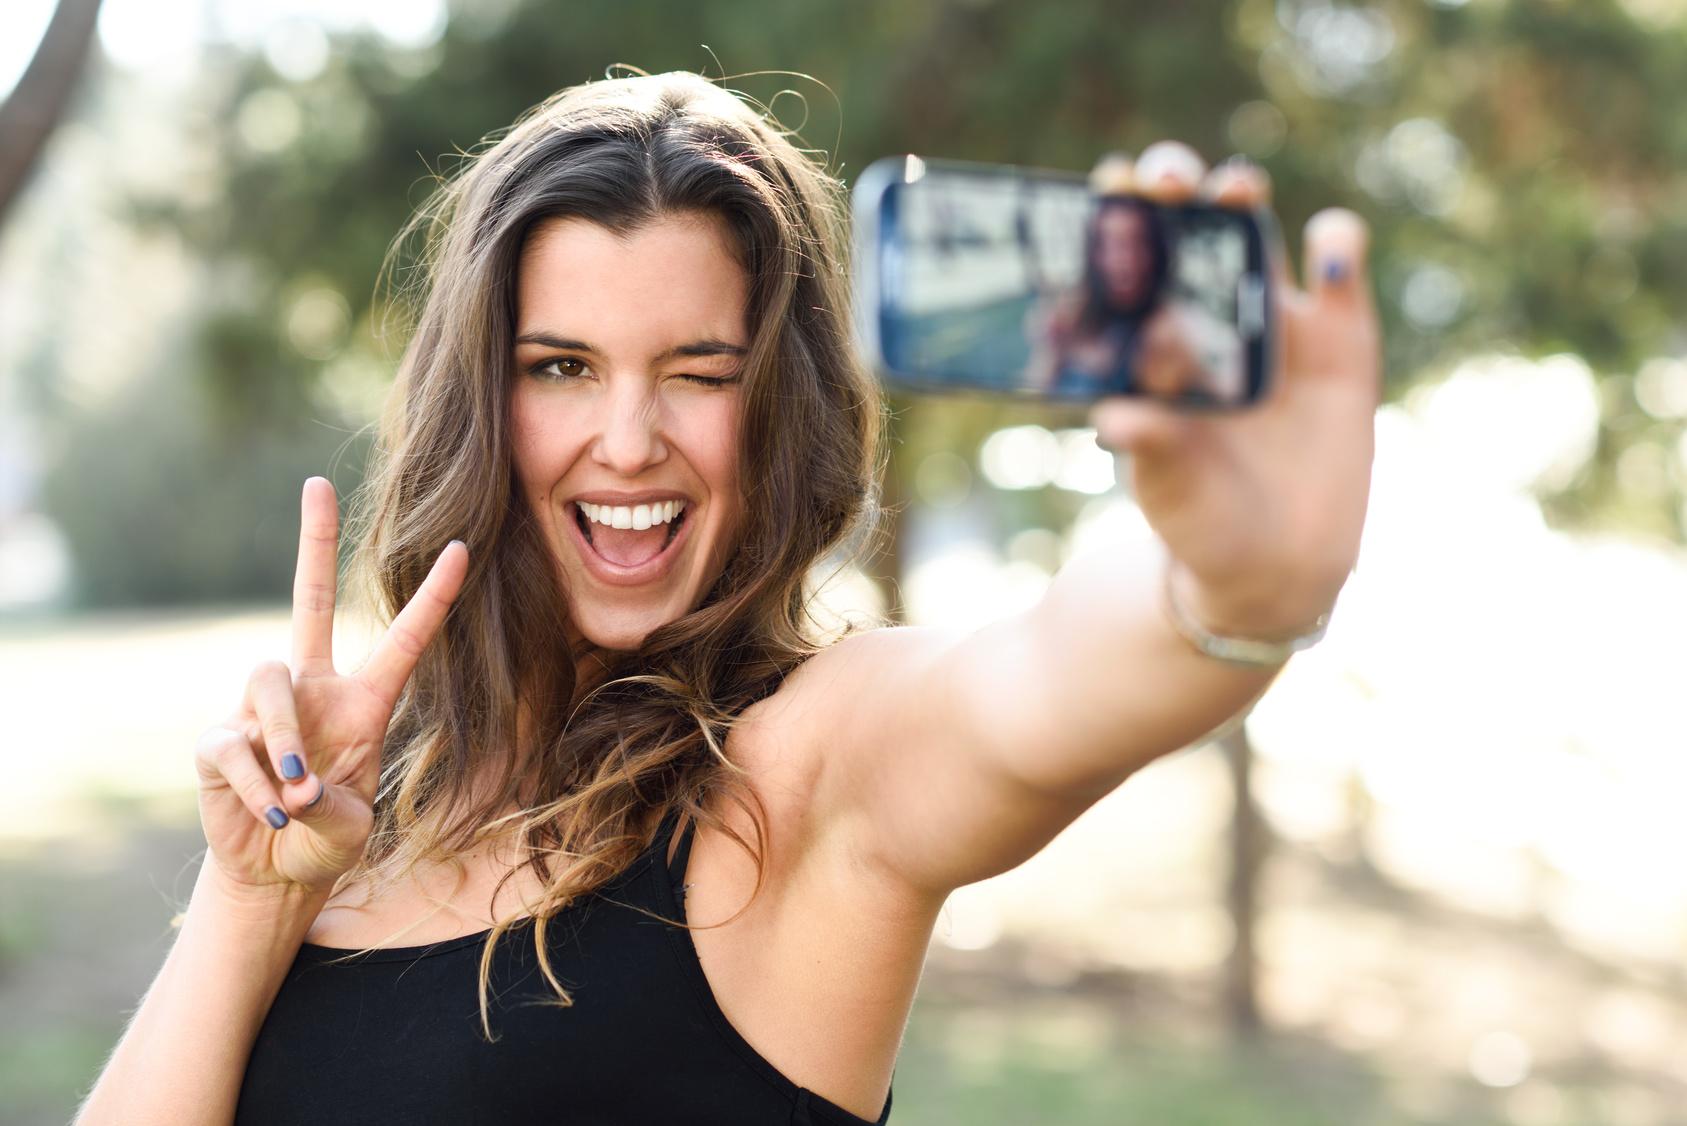 Mädchen macht für ein Selfie das Victory-Zeichen